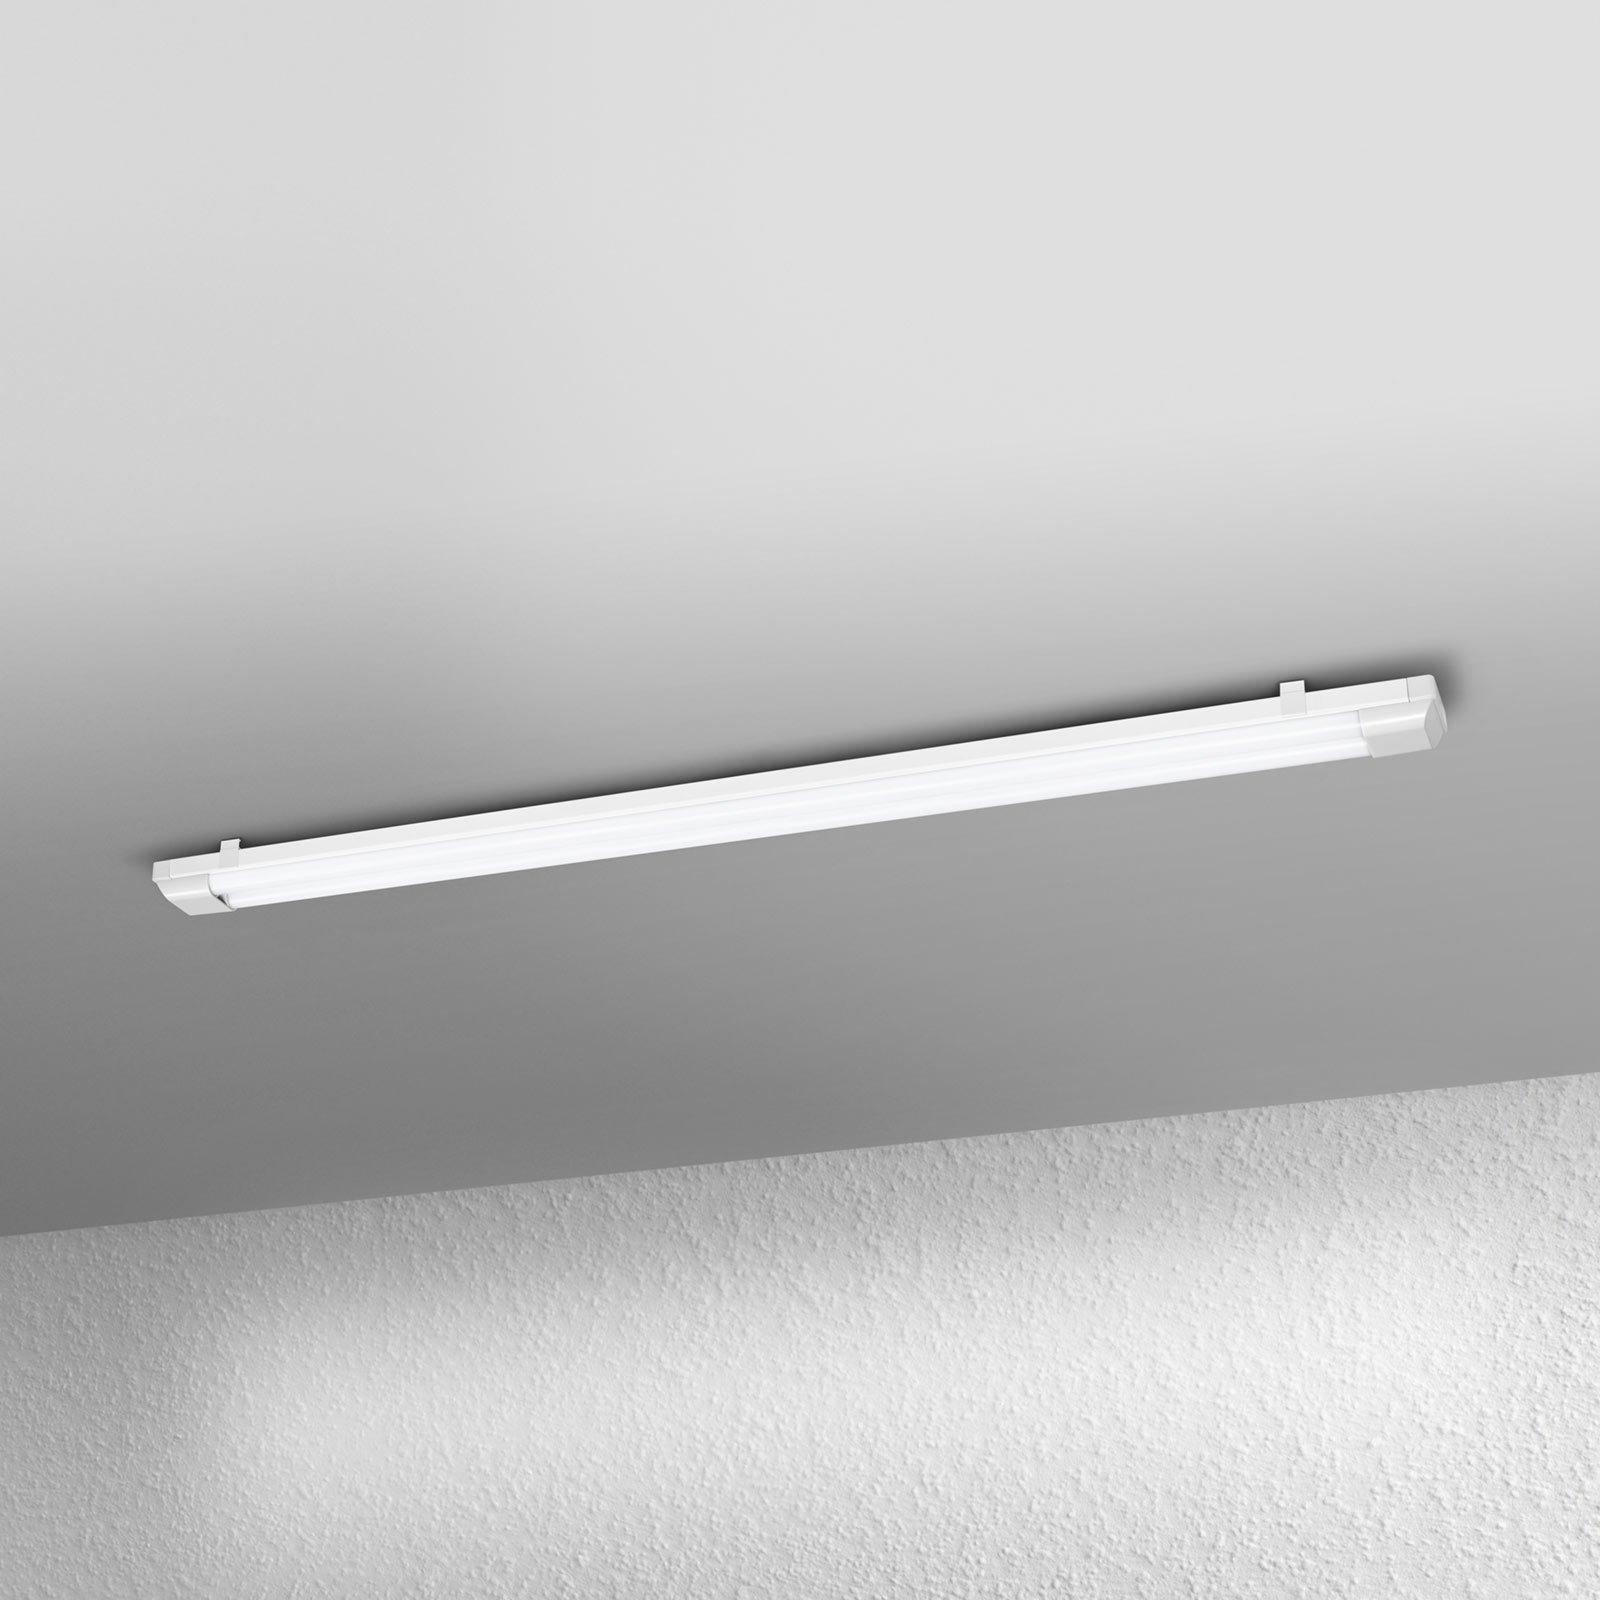 LEDVANCE Power Batten Dopp taklampe 120cm 3 000 K